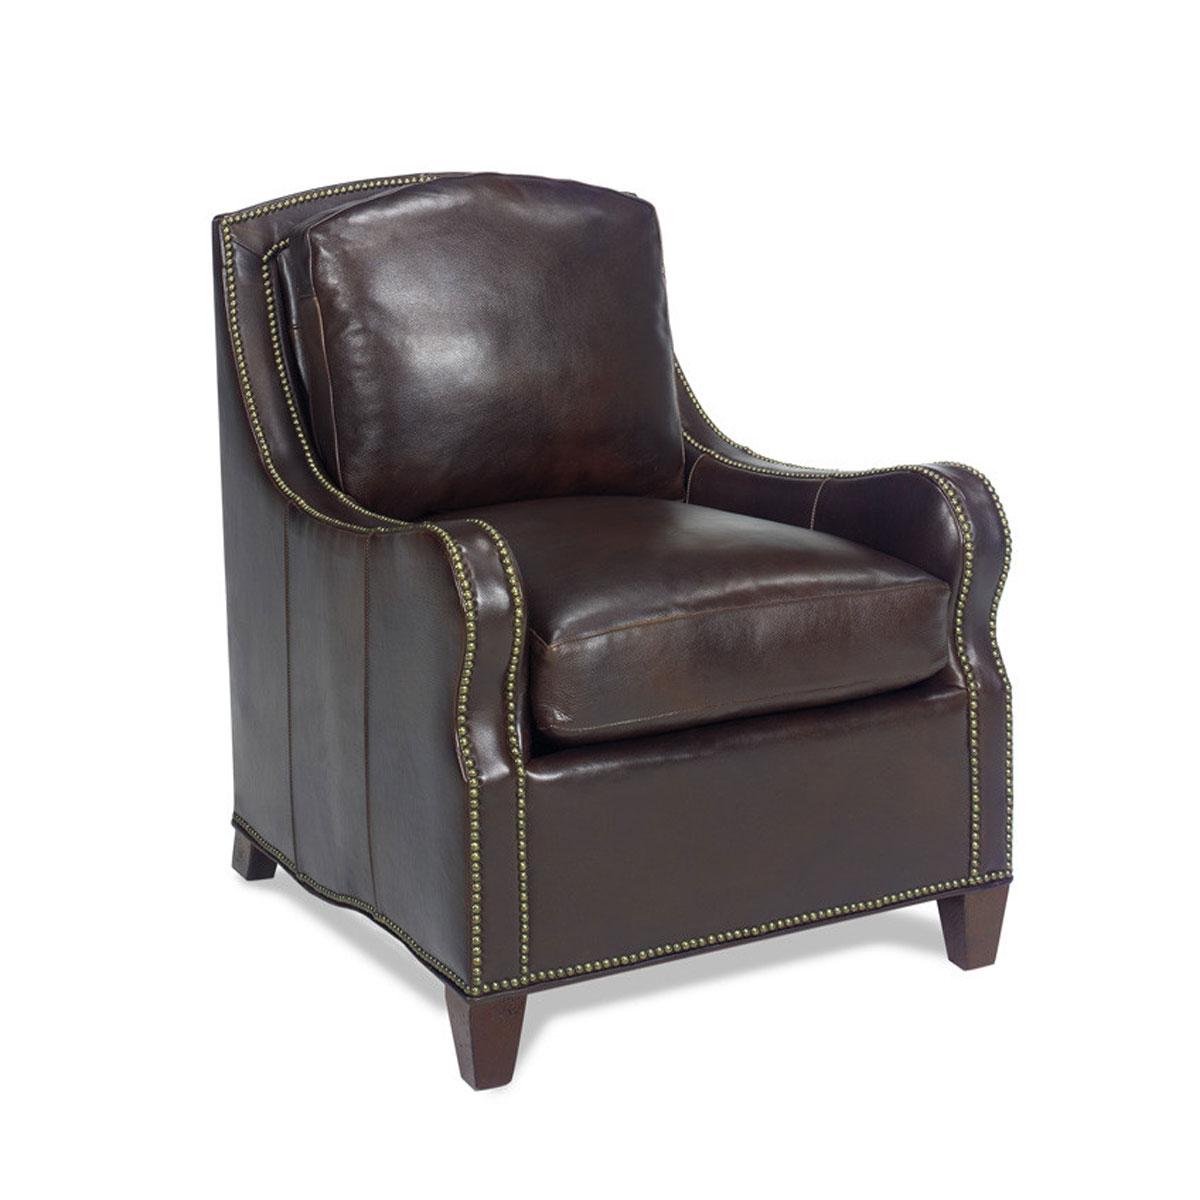 Magnificent Mckinley Leather Ohio Hardwood Upholstered Furniture Inzonedesignstudio Interior Chair Design Inzonedesignstudiocom